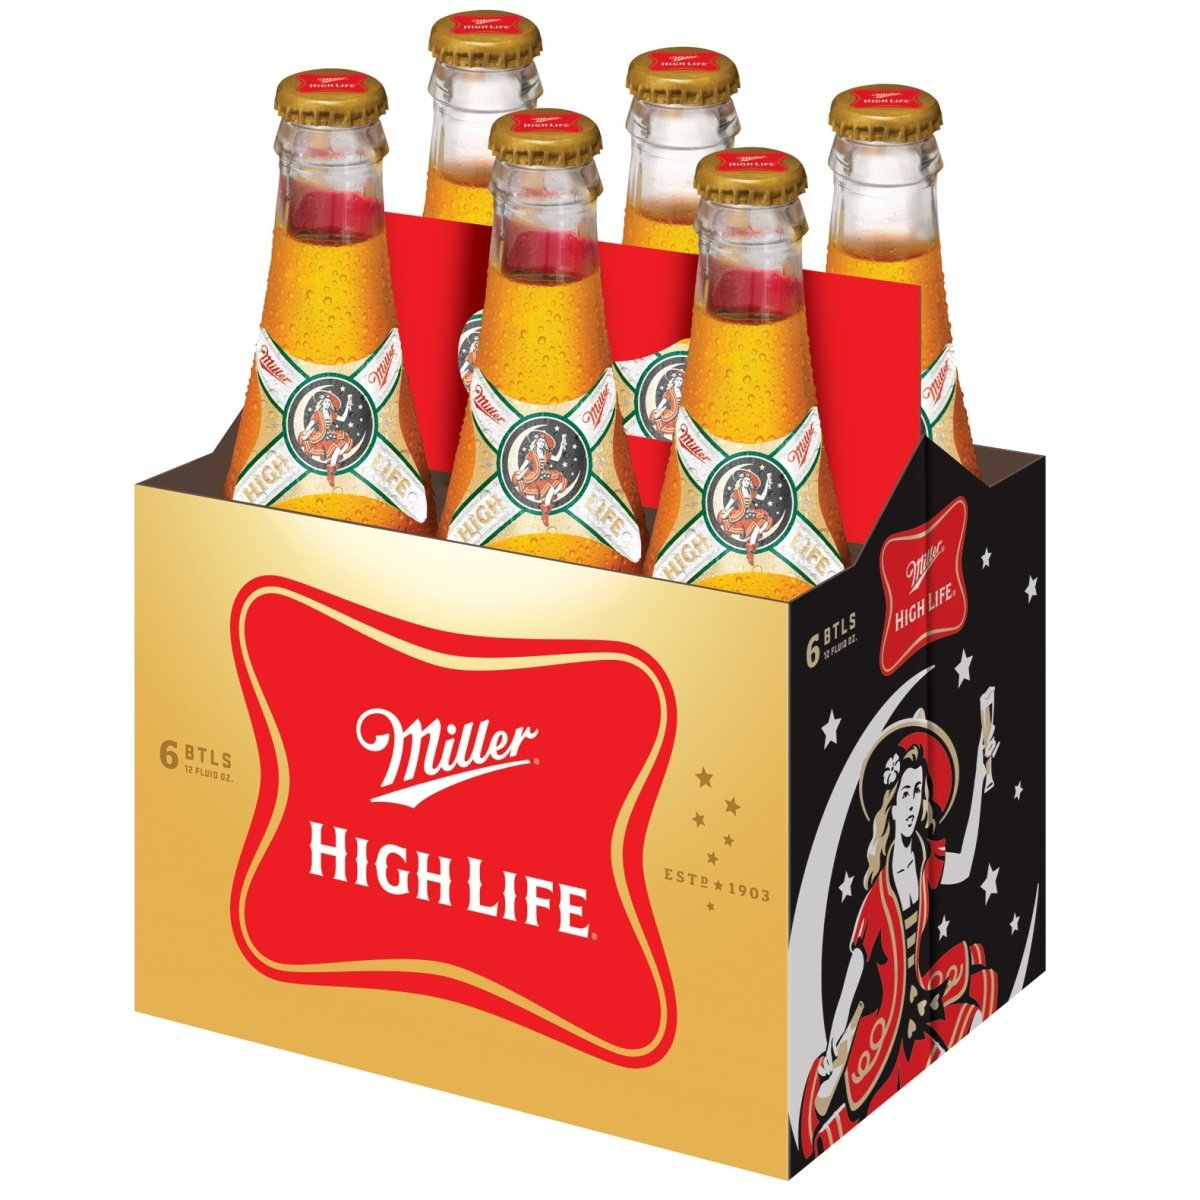 e219d8b67aebd Miller High Life